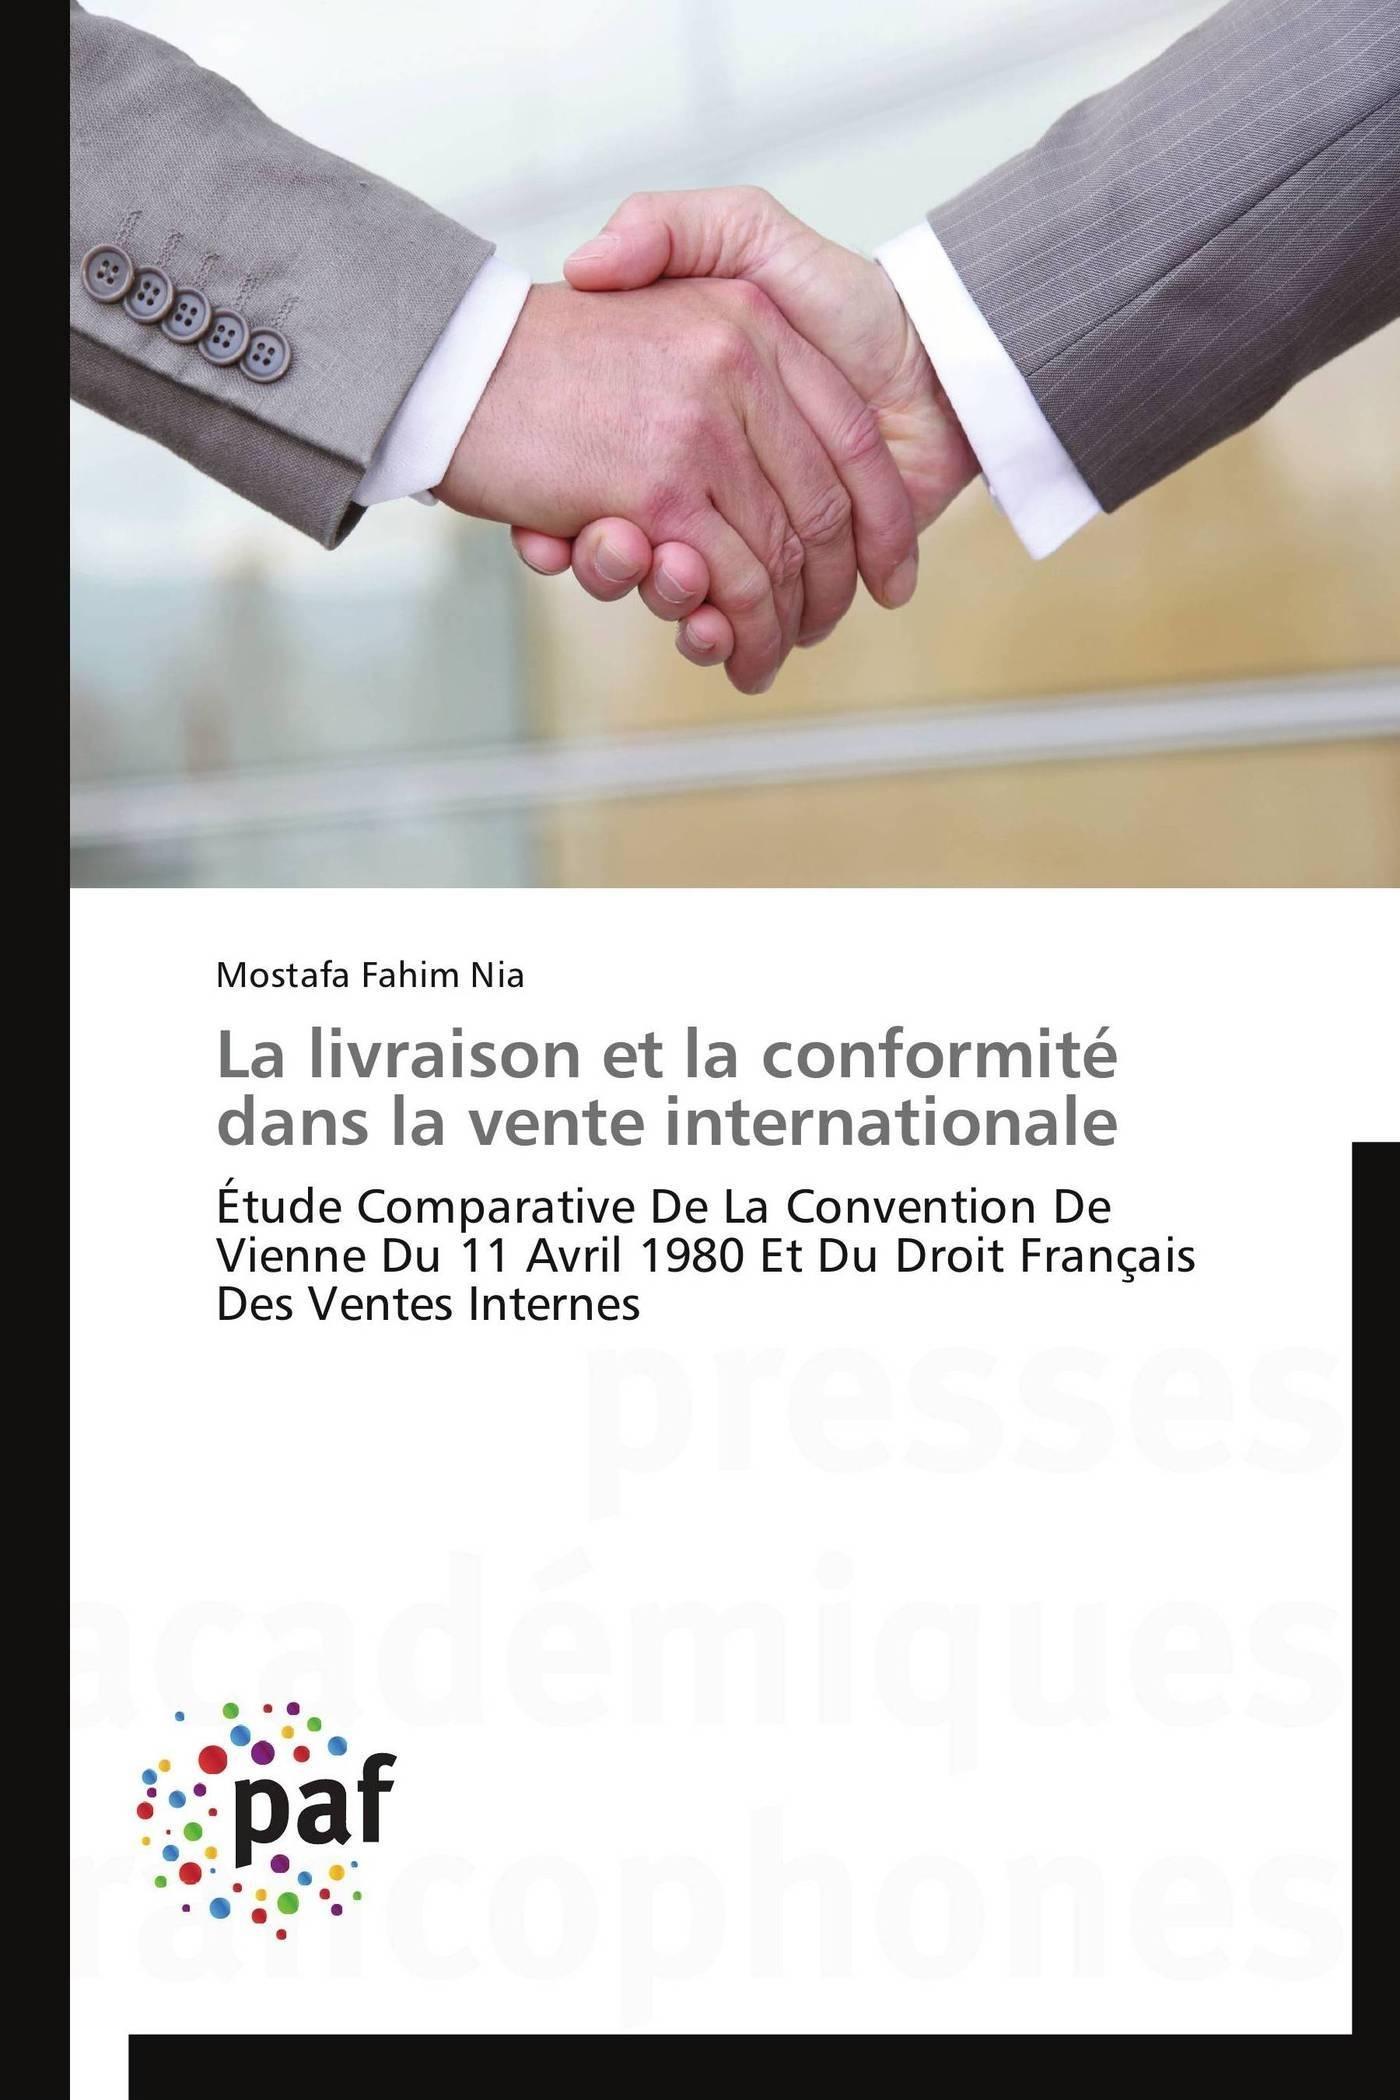 LA LIVRAISON ET LA CONFORMITE DANS LA VENTE INTERNATIONALE